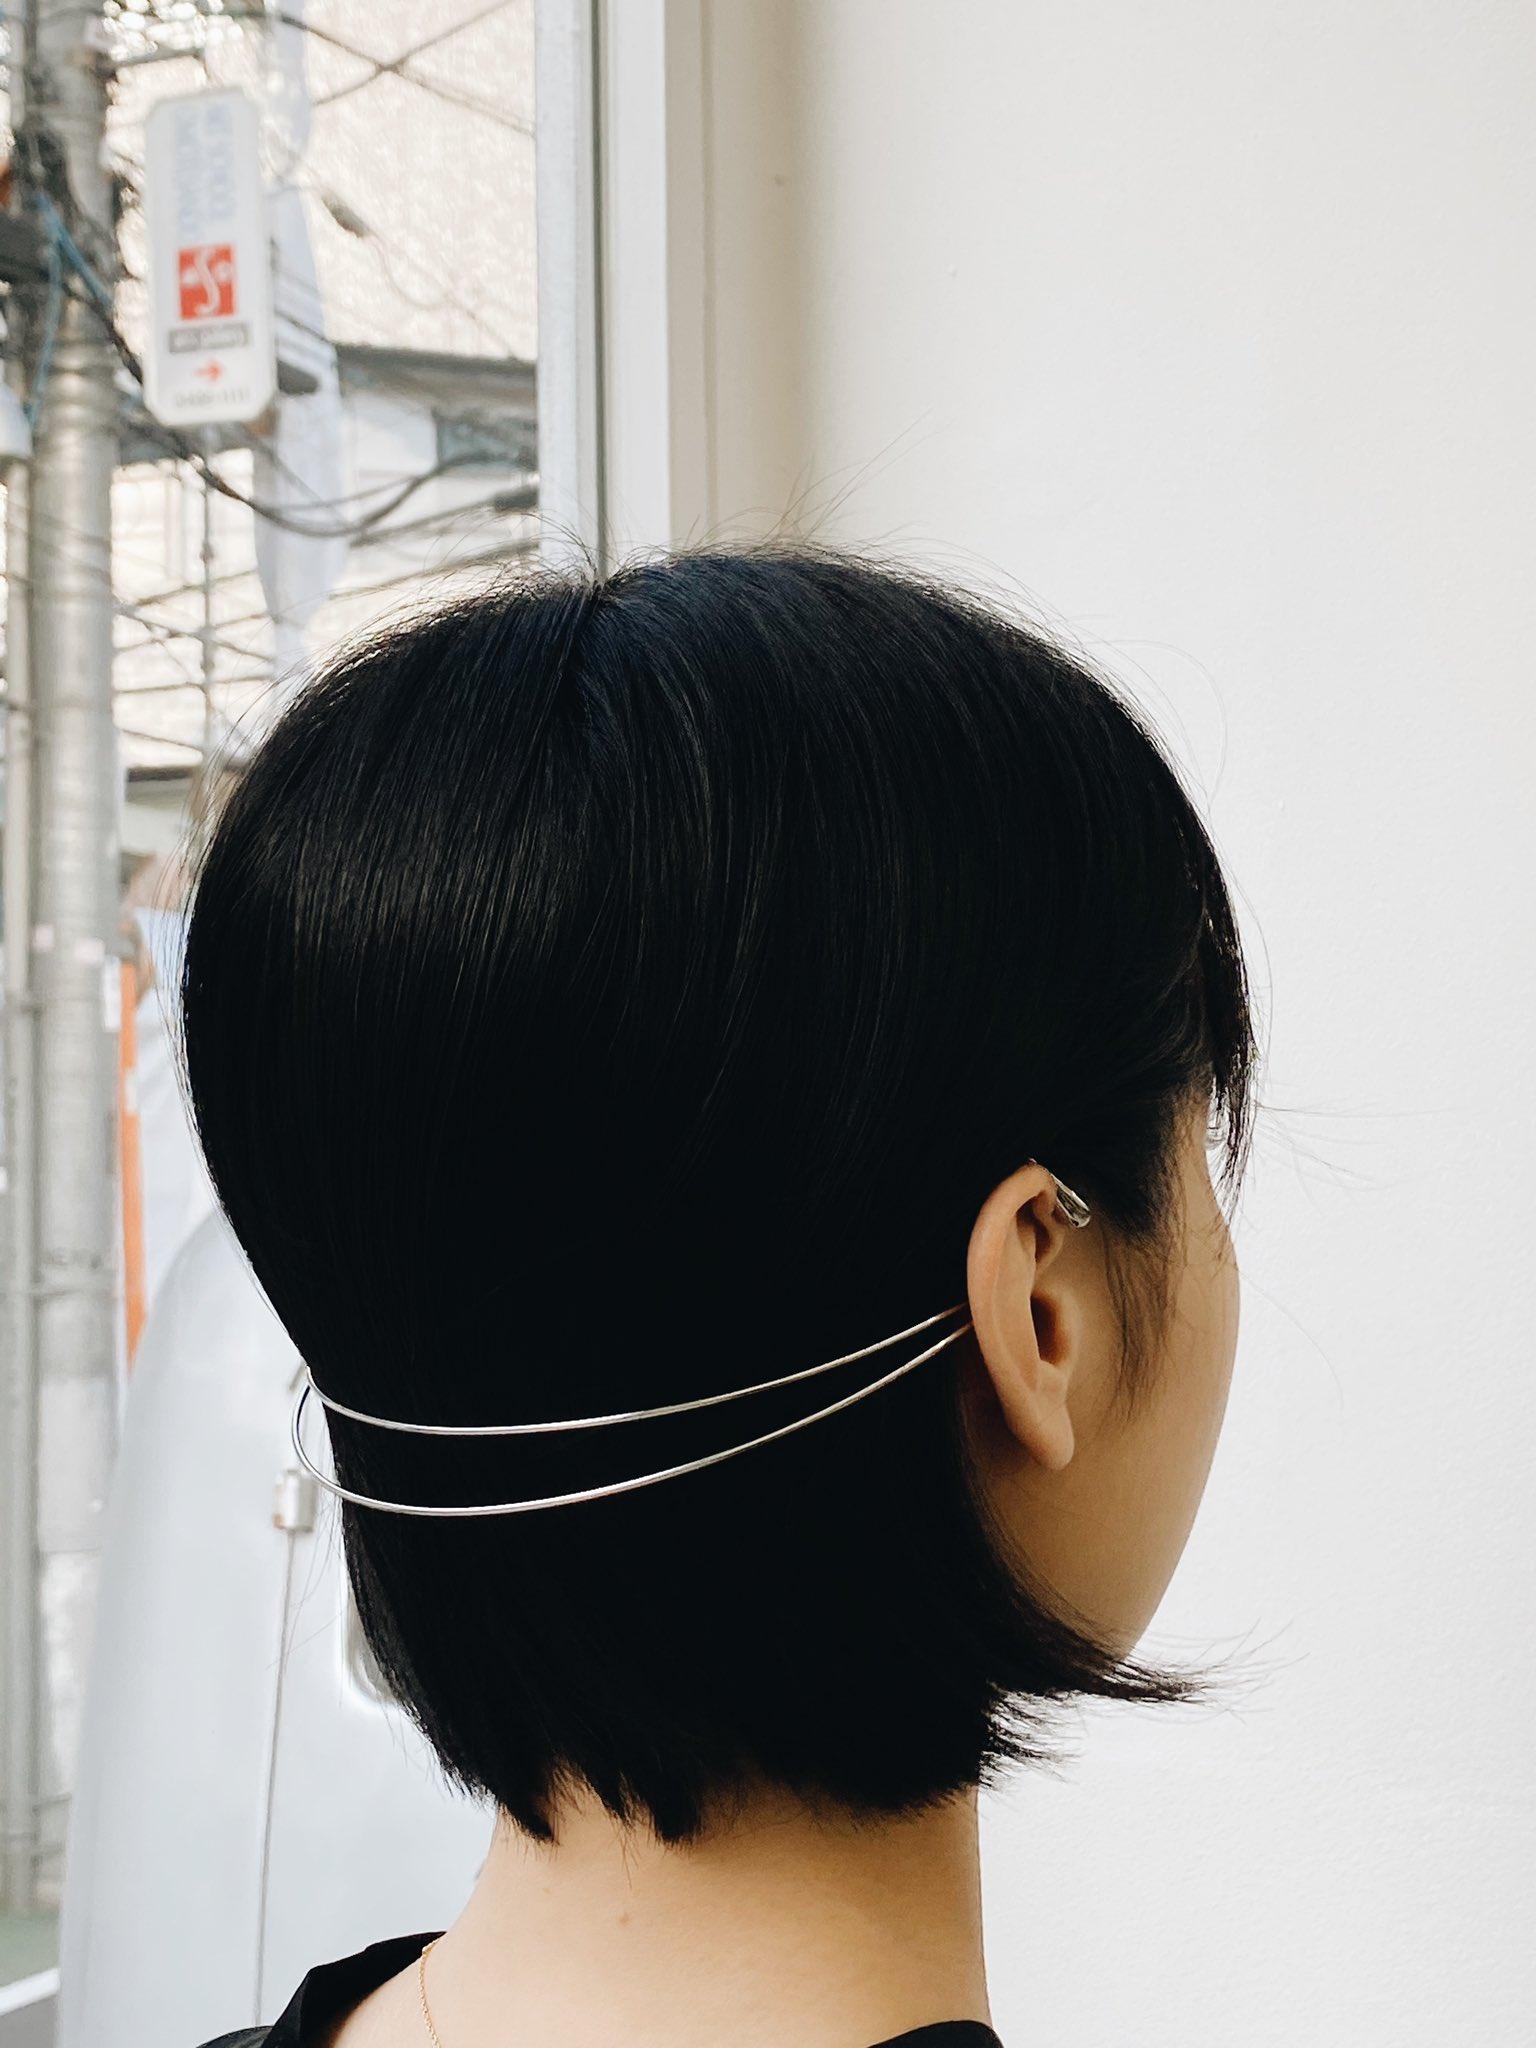 ブラインド 藤井ゆきよ 横顔 佐々木琴子 ナンバーワンに関連した画像-05